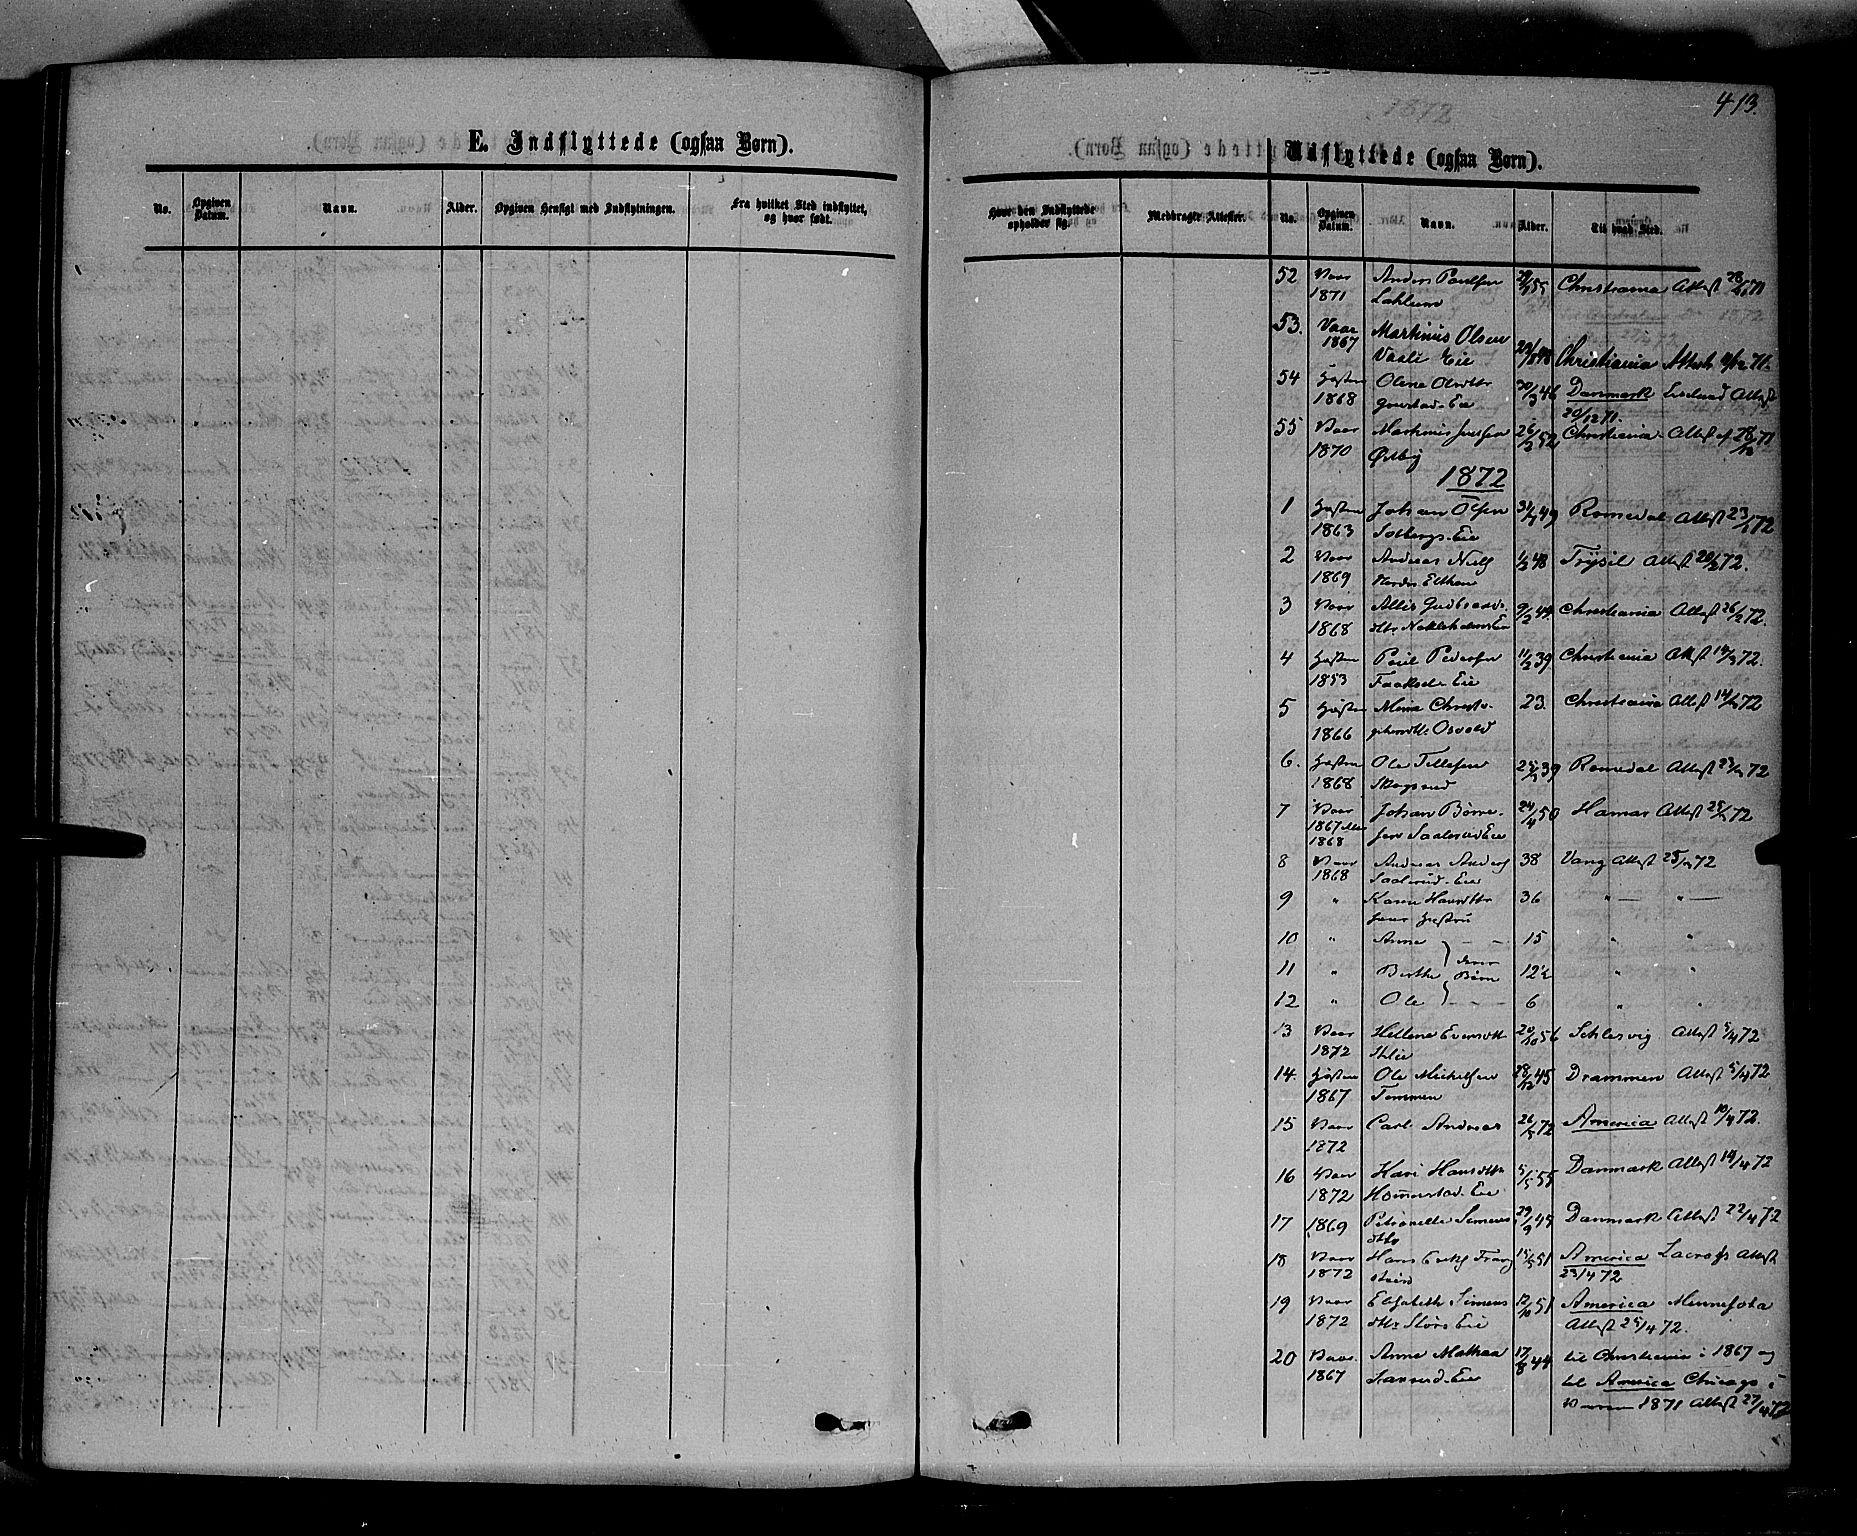 SAH, Stange prestekontor, K/L0013: Parish register (official) no. 13, 1862-1879, p. 413